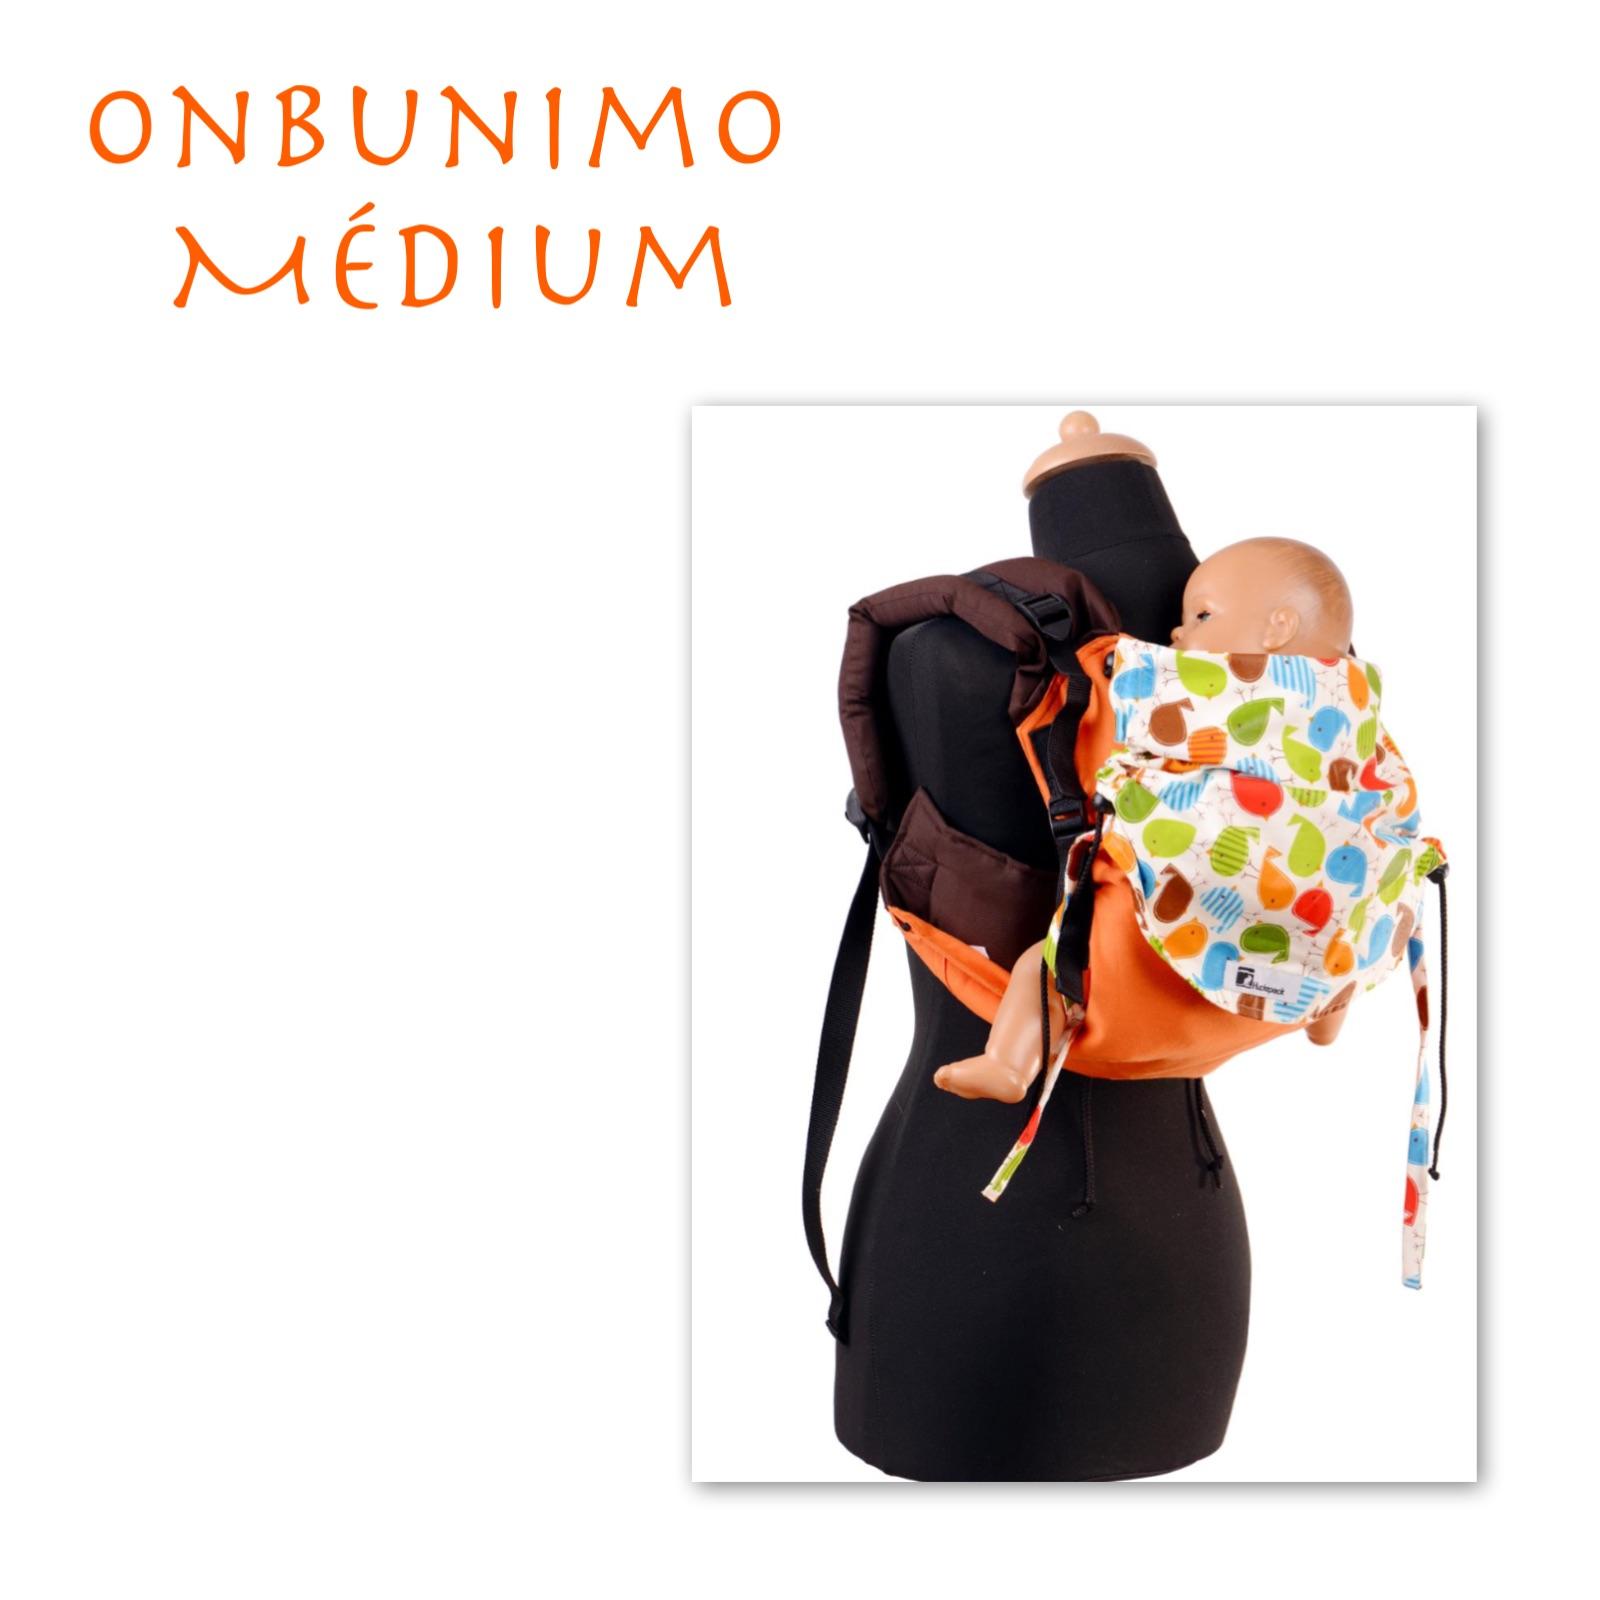 Onbu Babyroo médium